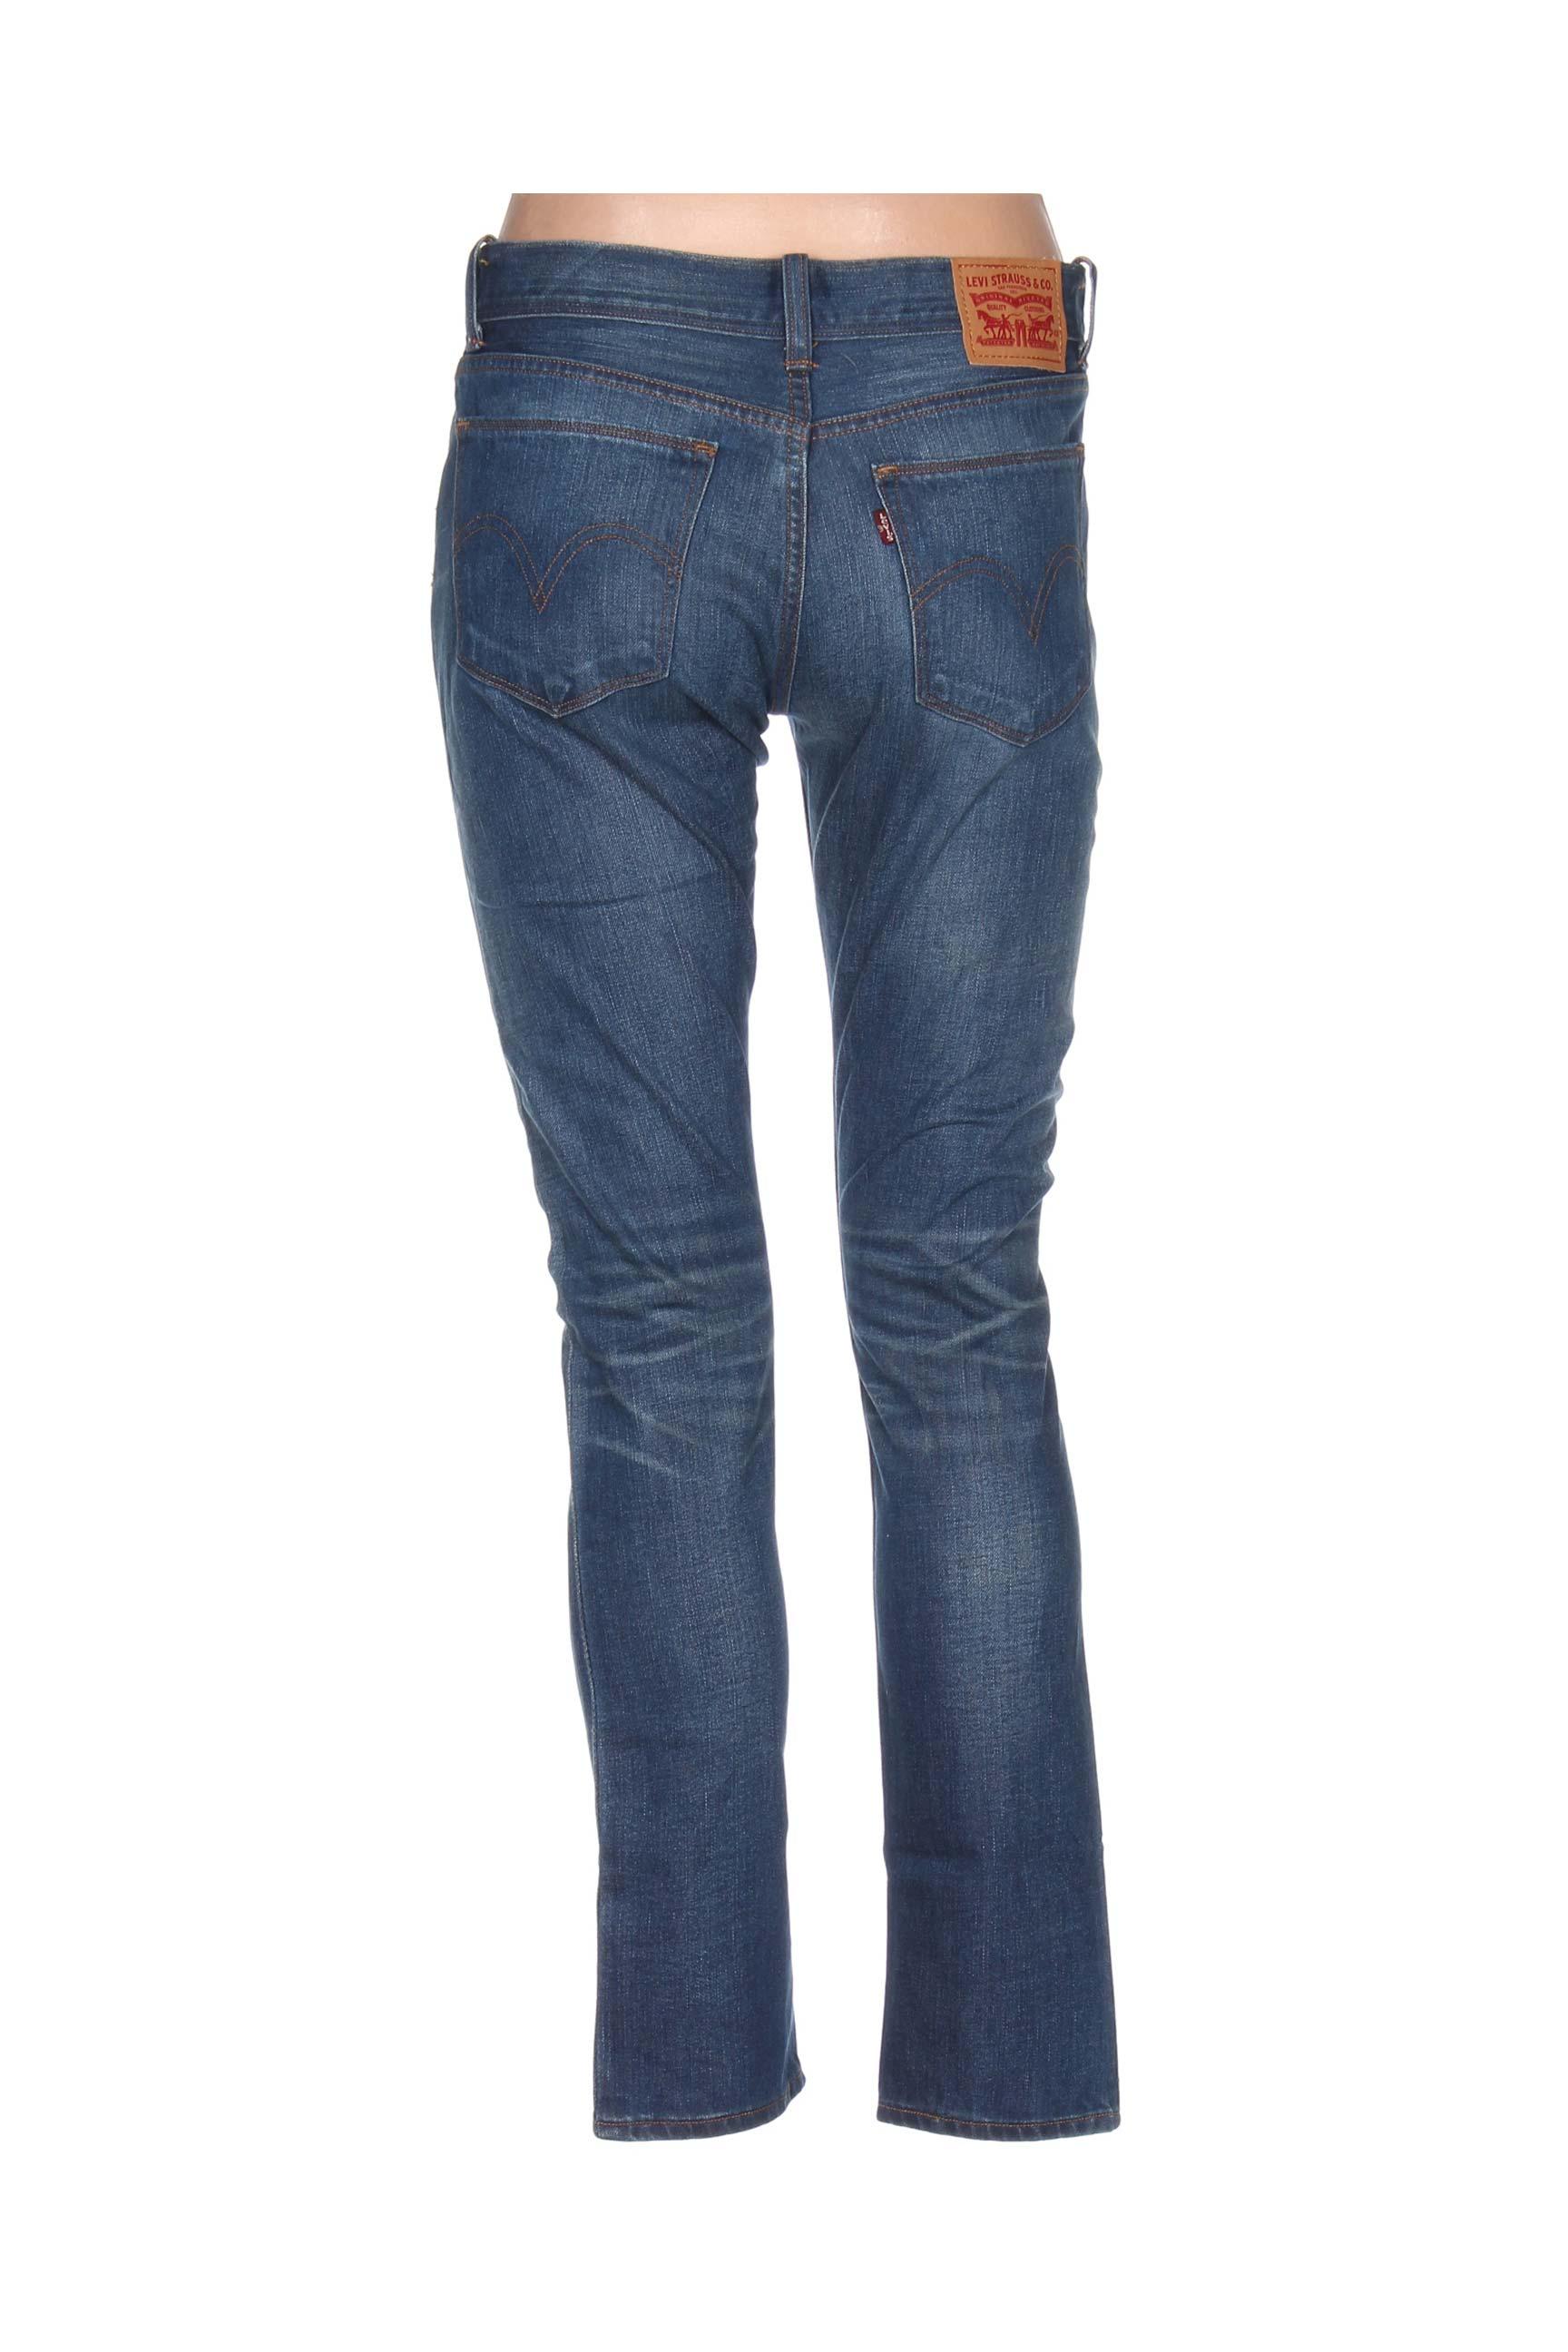 Jeans bleu00 pas 1018540 en LEVIS Modz slim cher Jeans bleu soldes de couleur coupe pqMVUzS